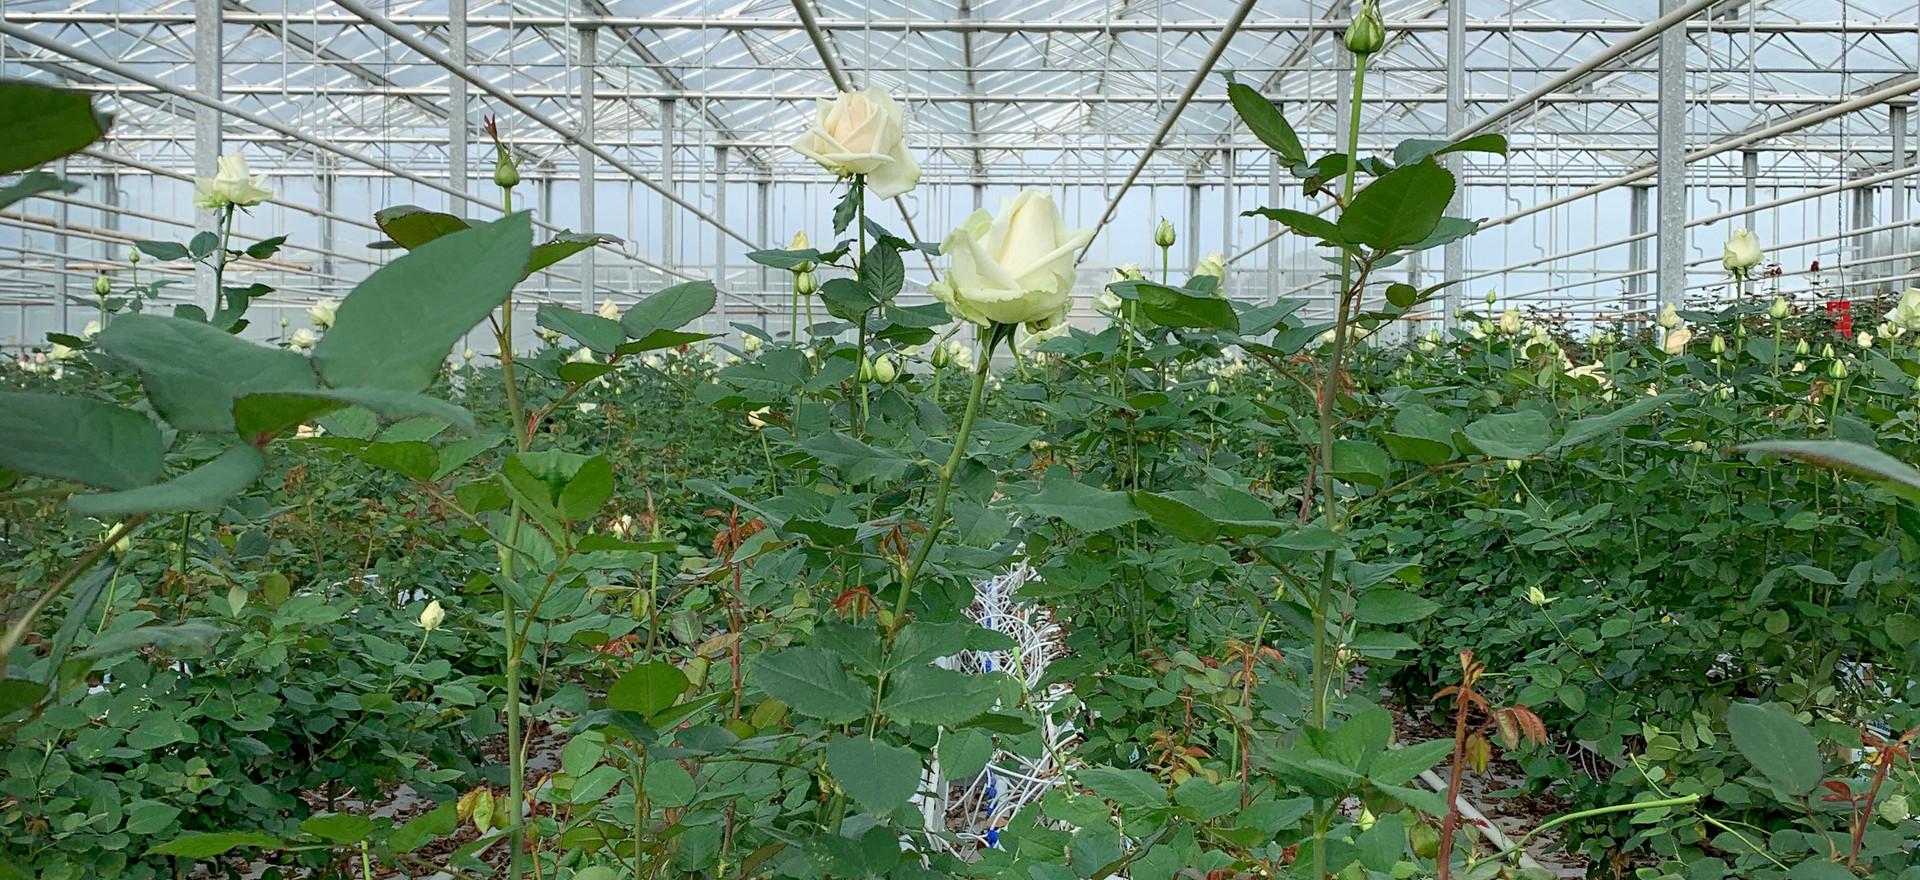 Rose glasshouse 2